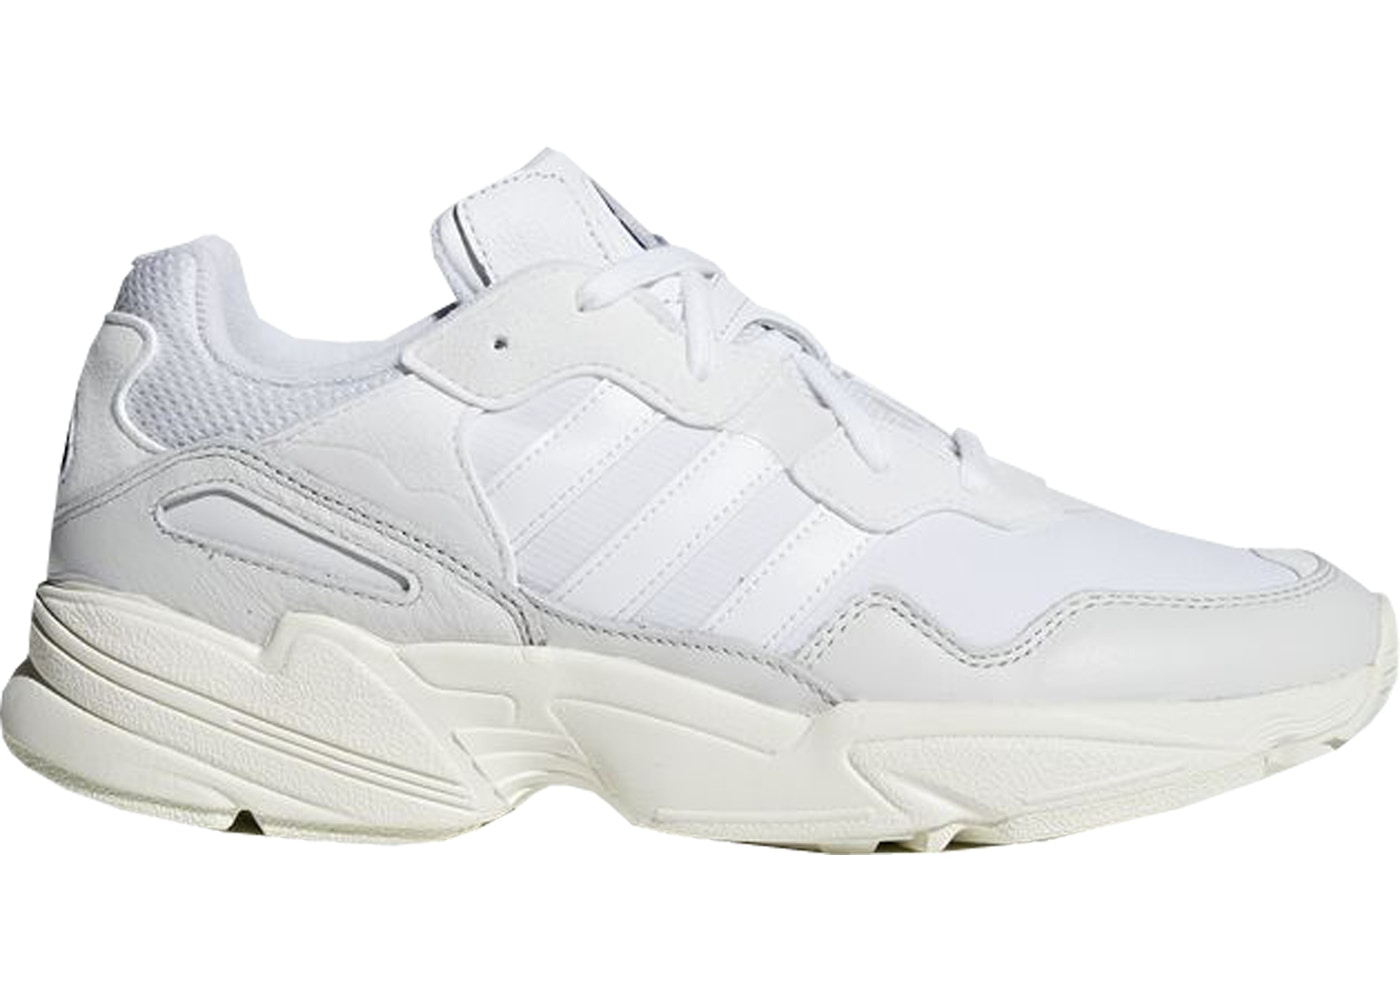 2955857b83e adidas Yung-96 Triple White - F97176